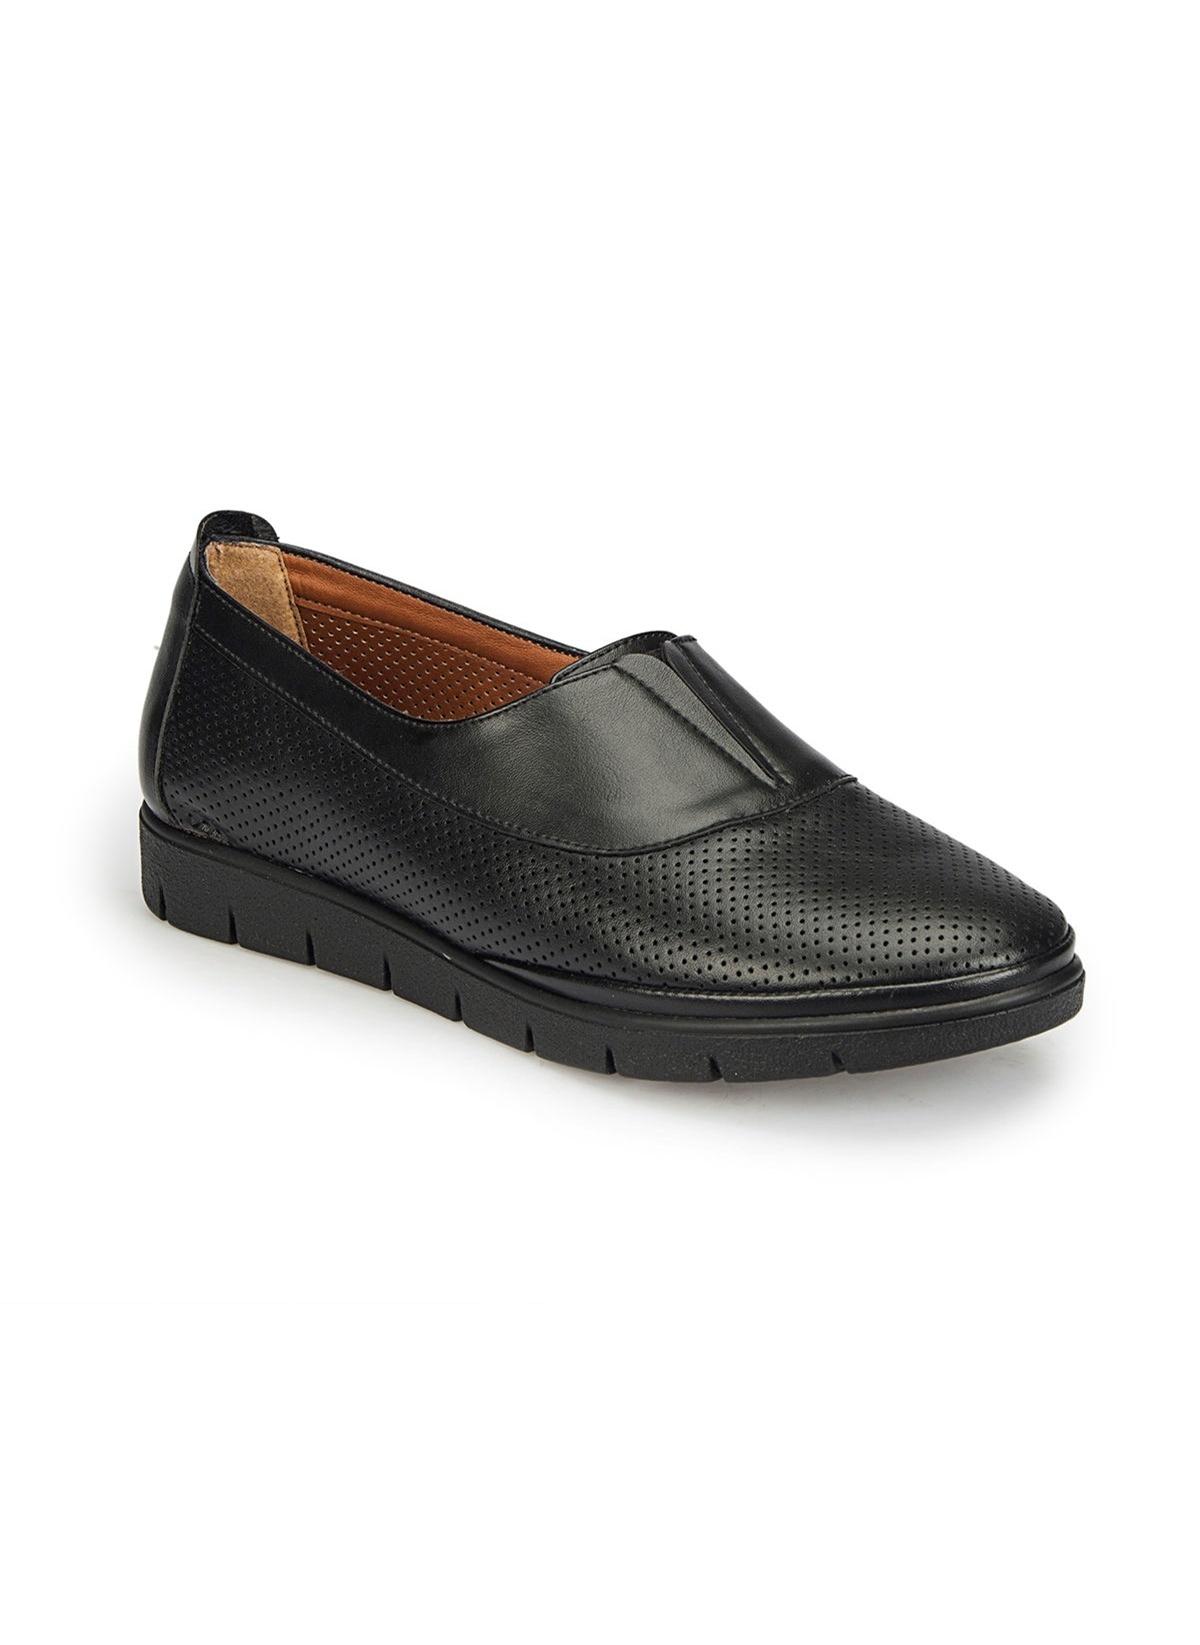 Polaris Ayakkabı 81.158455.z Basic Comfort – 59.99 TL